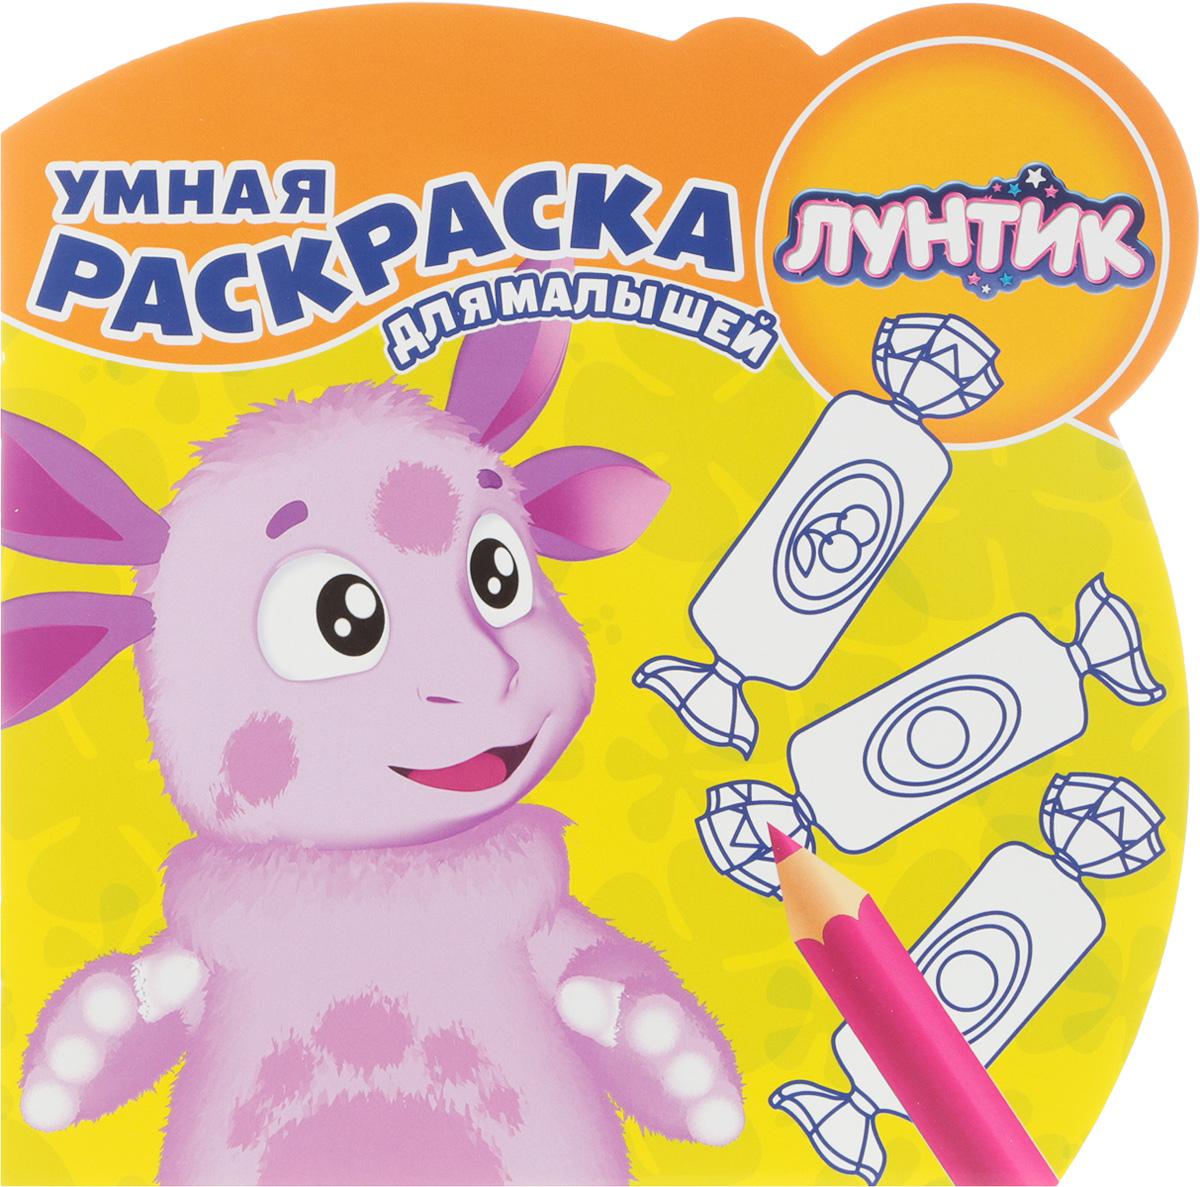 Лунтик и его друзья. Умная раскраска для малышей лунтик и его друзья раскраска для самых маленьких